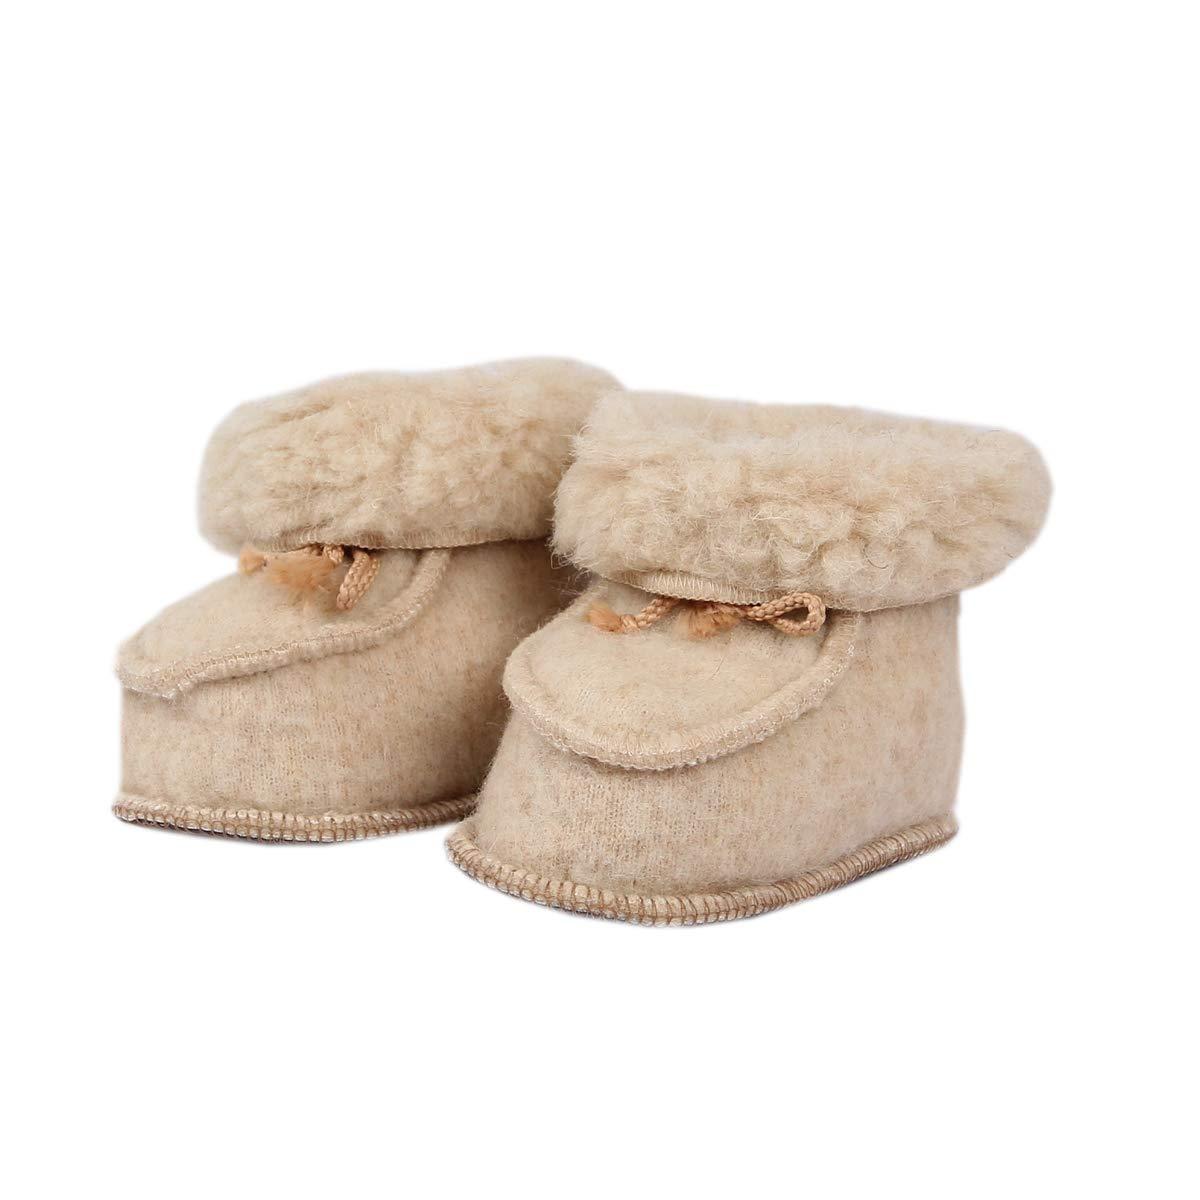 100/% Merino wool baby booties newborn sheep wool organic slippers leg warmers